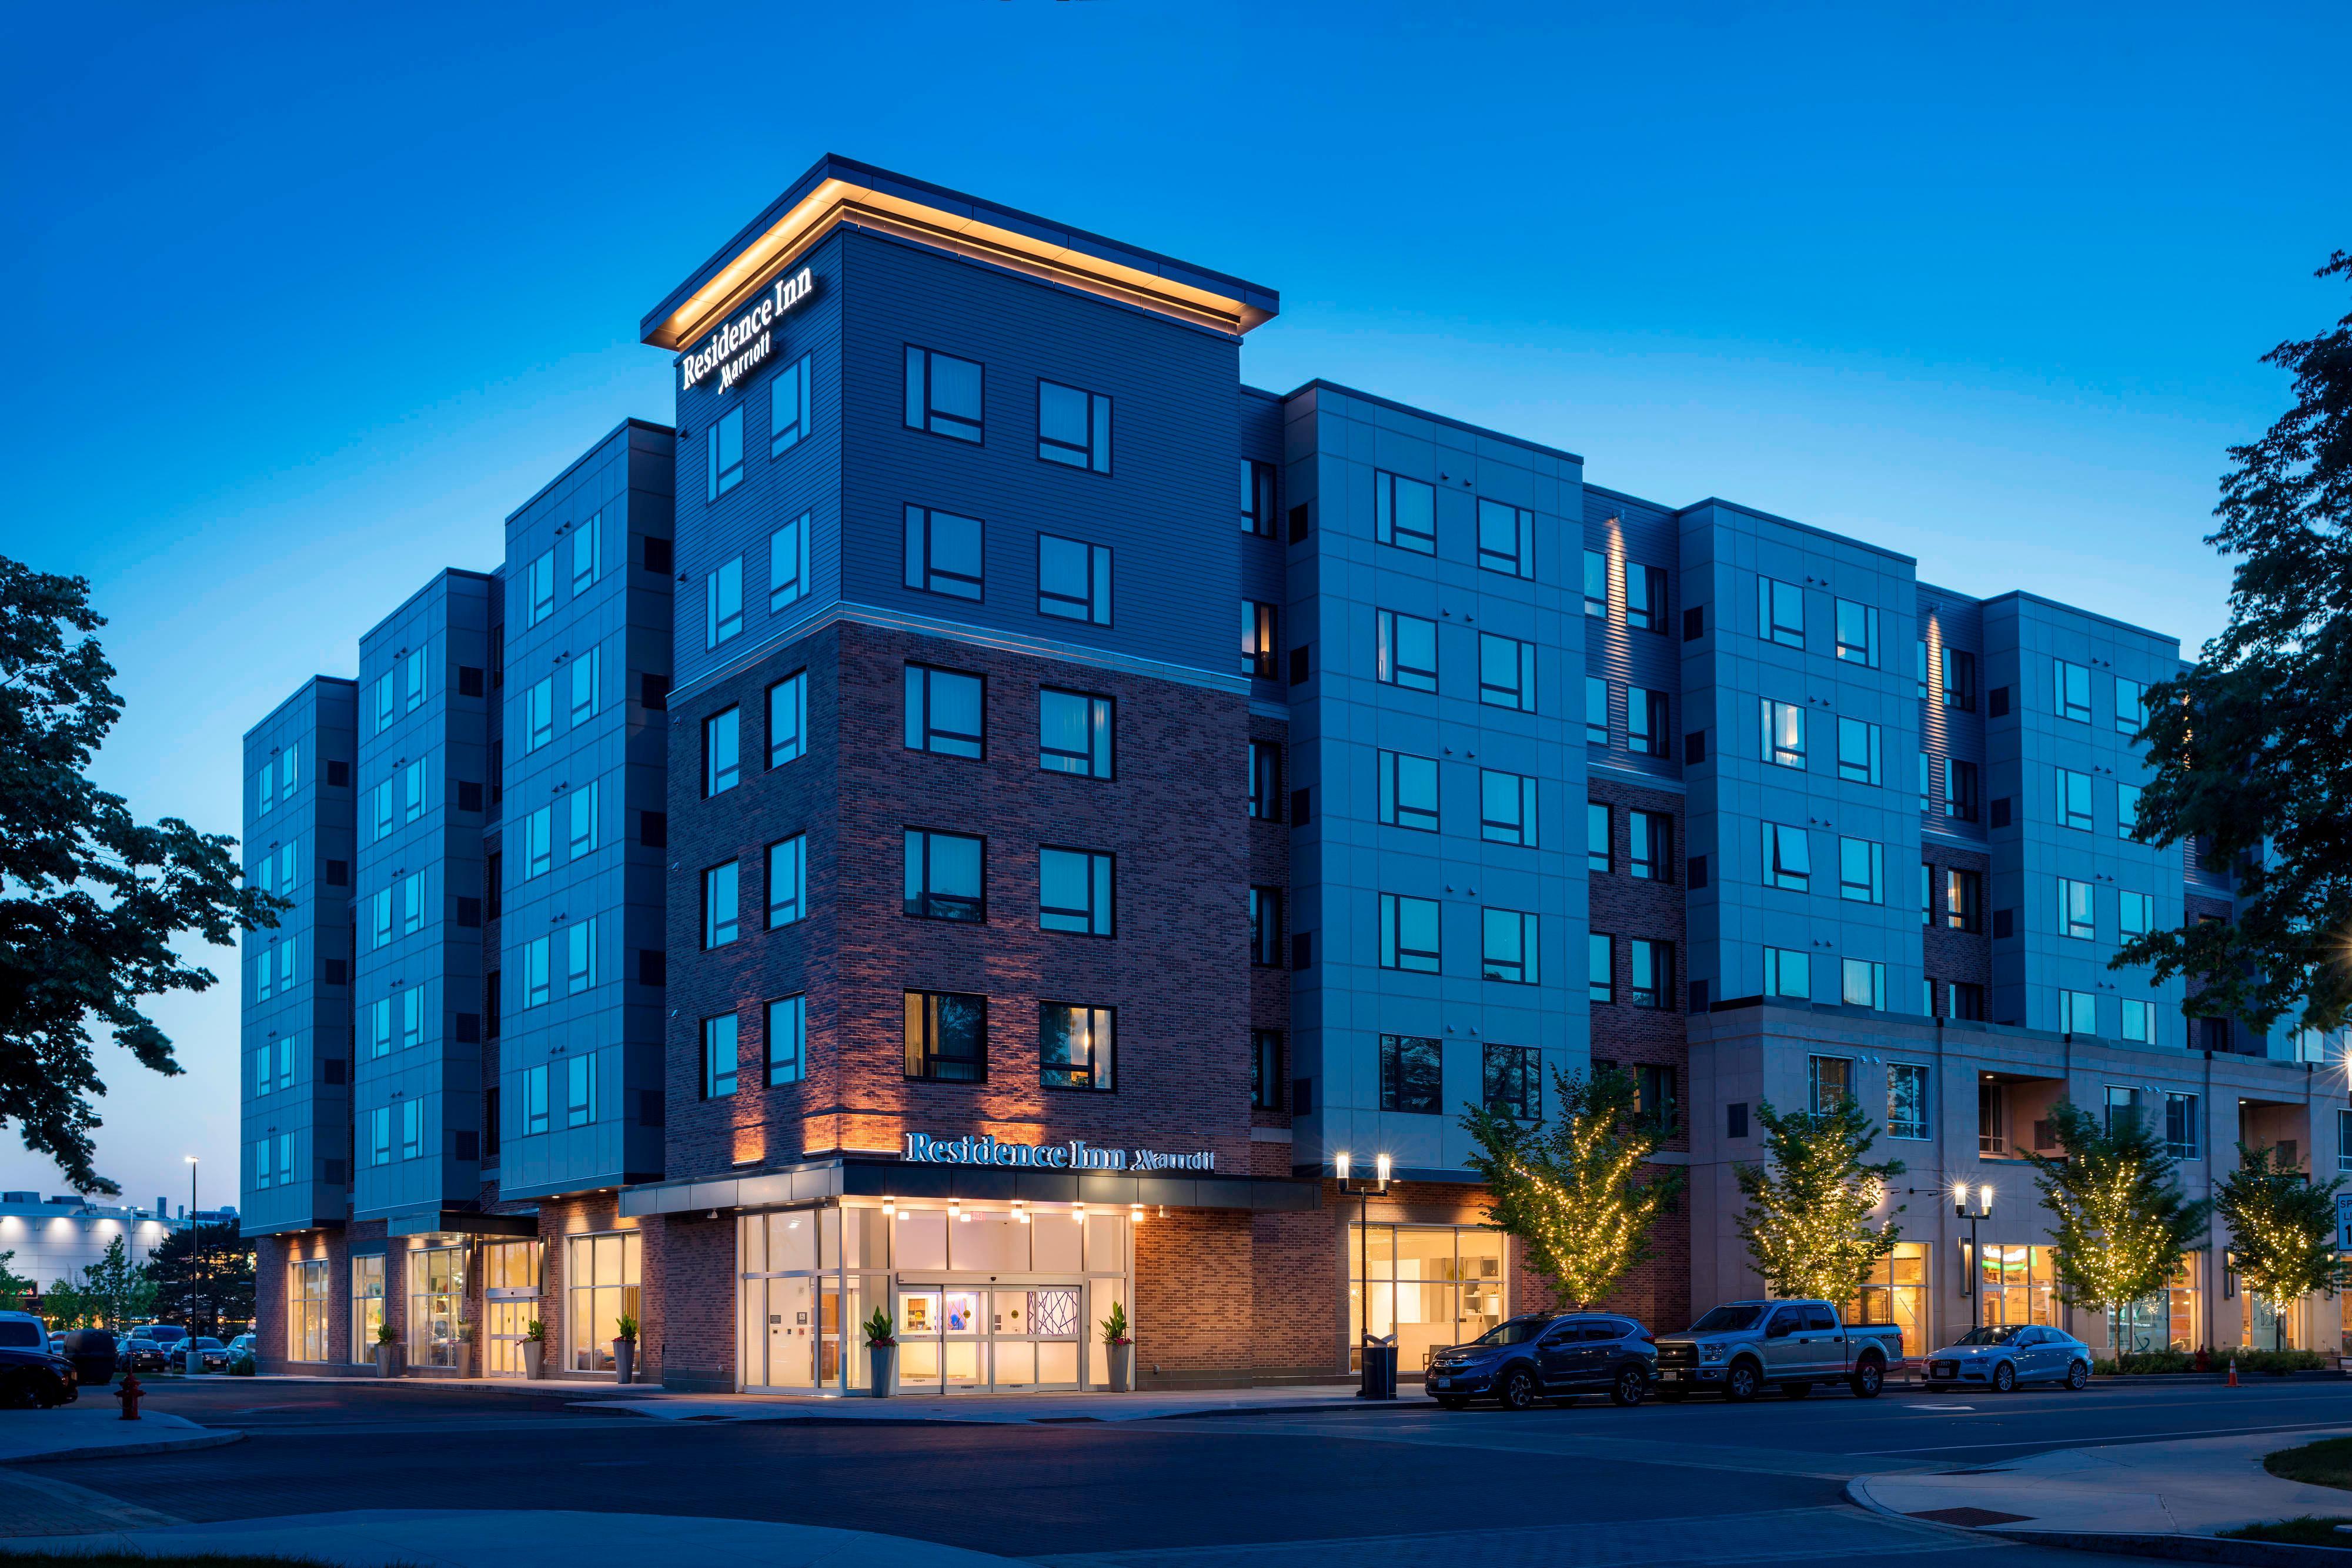 Residence Inn Burling Marriott